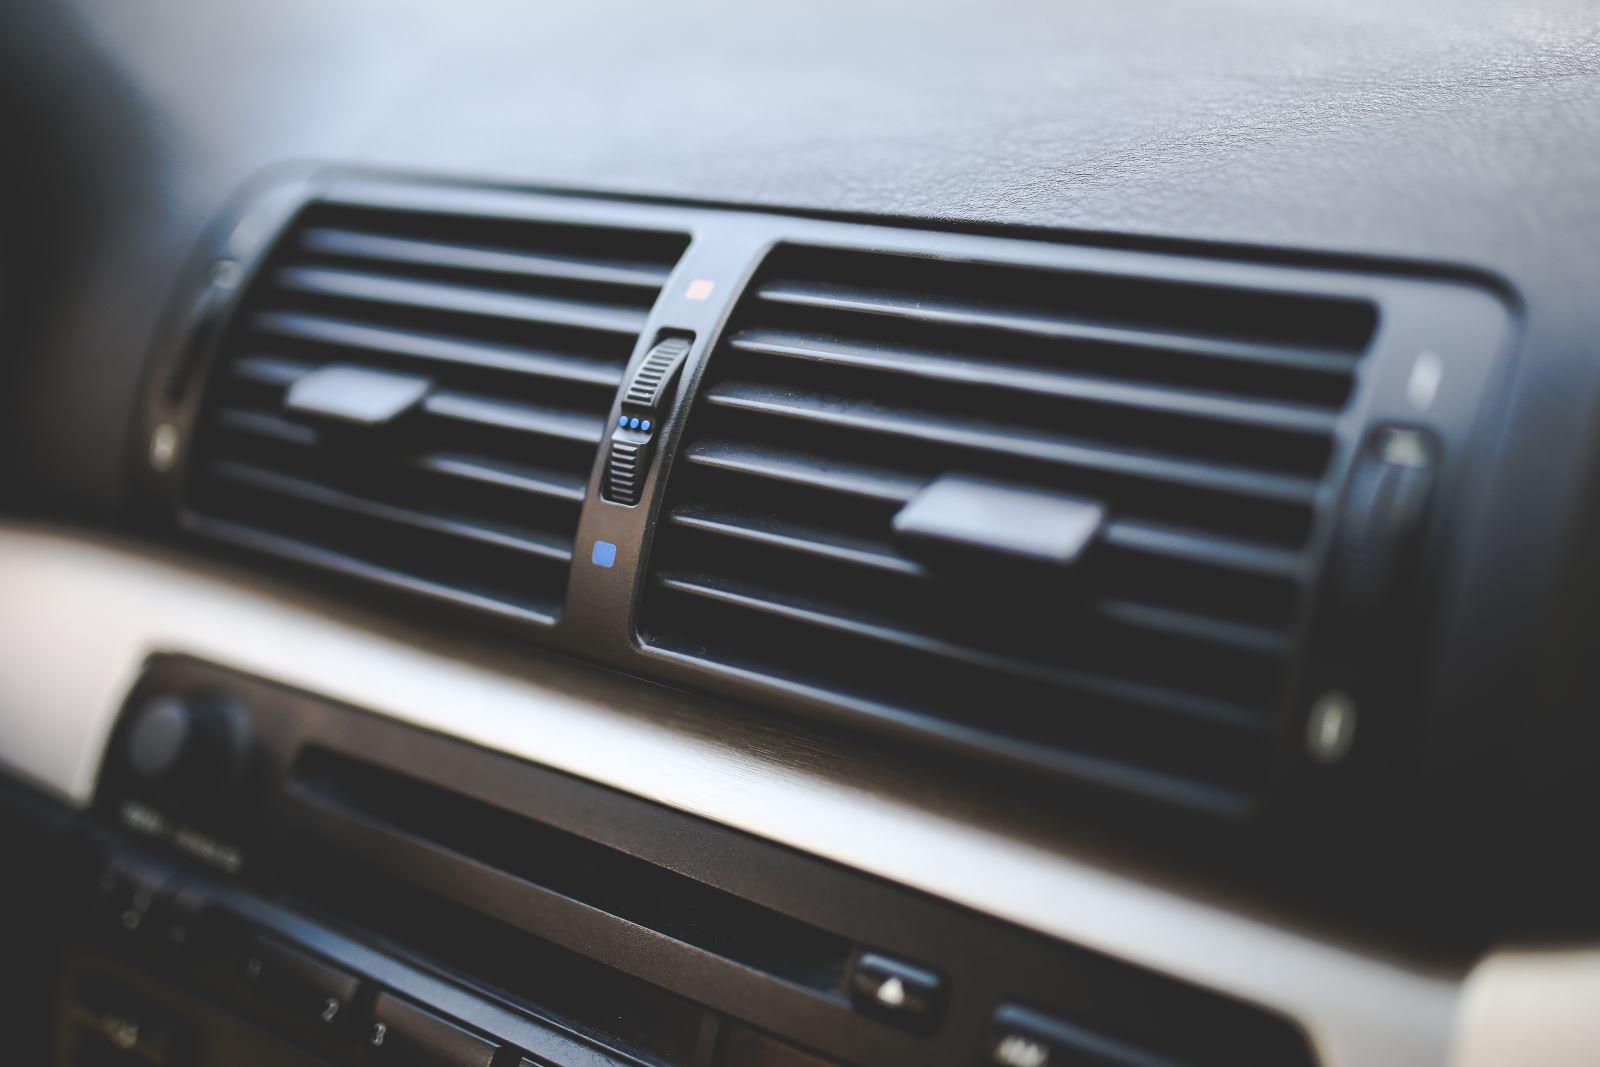 Climatizador ou ar condicionado